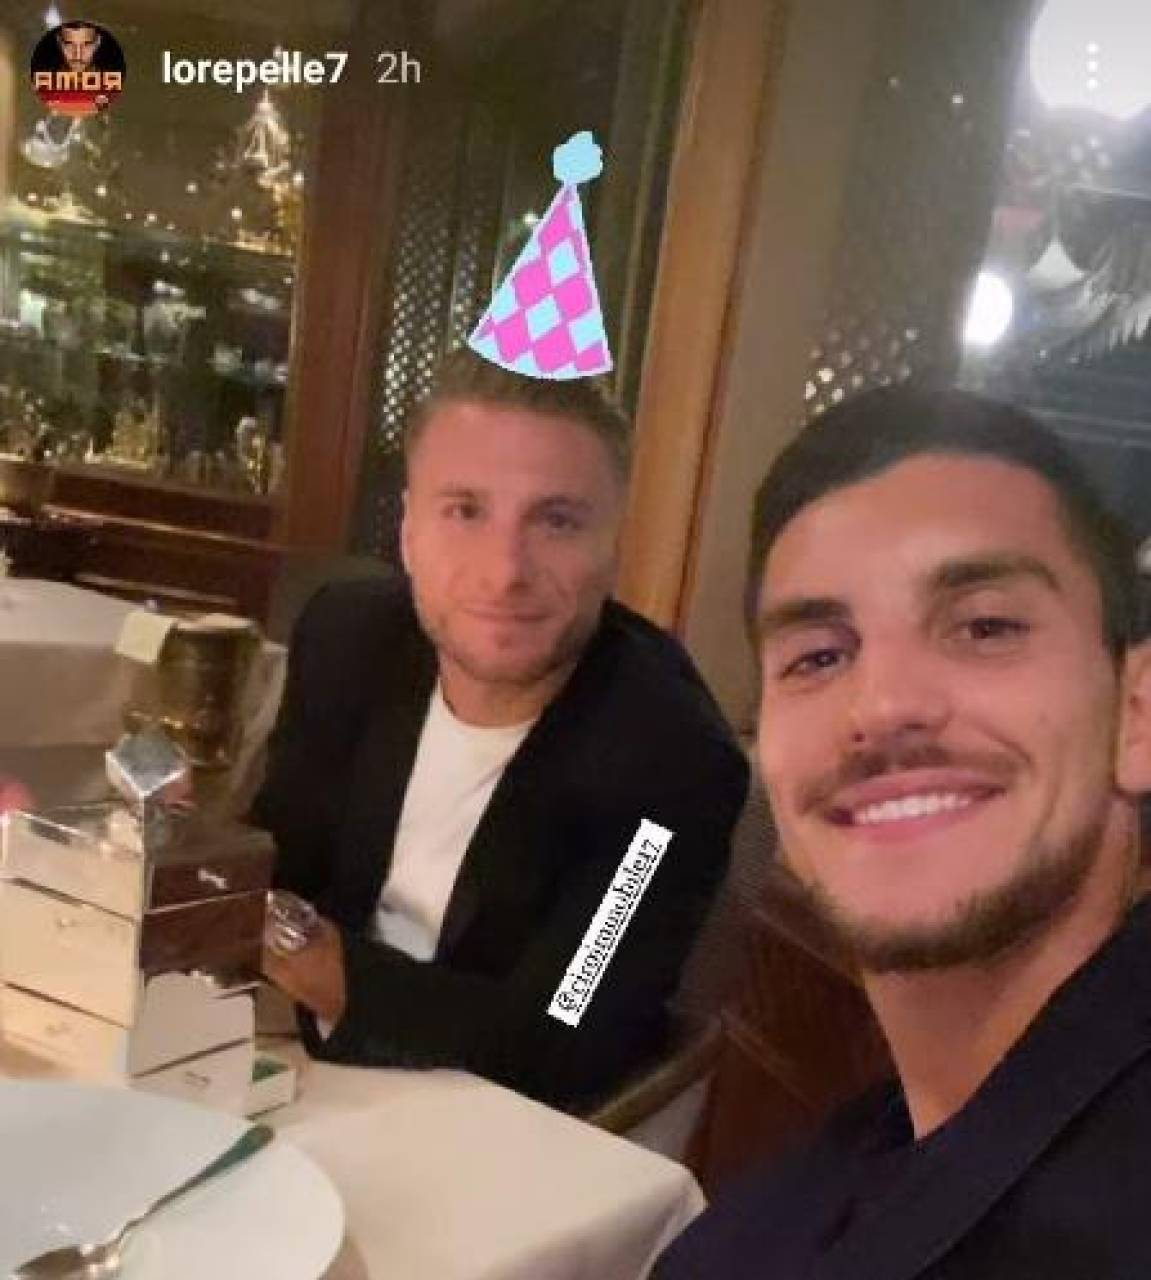 Il post Instagram di Lorenzo Pellegrini con Ciro Immobile che ha scatenato i romanisti